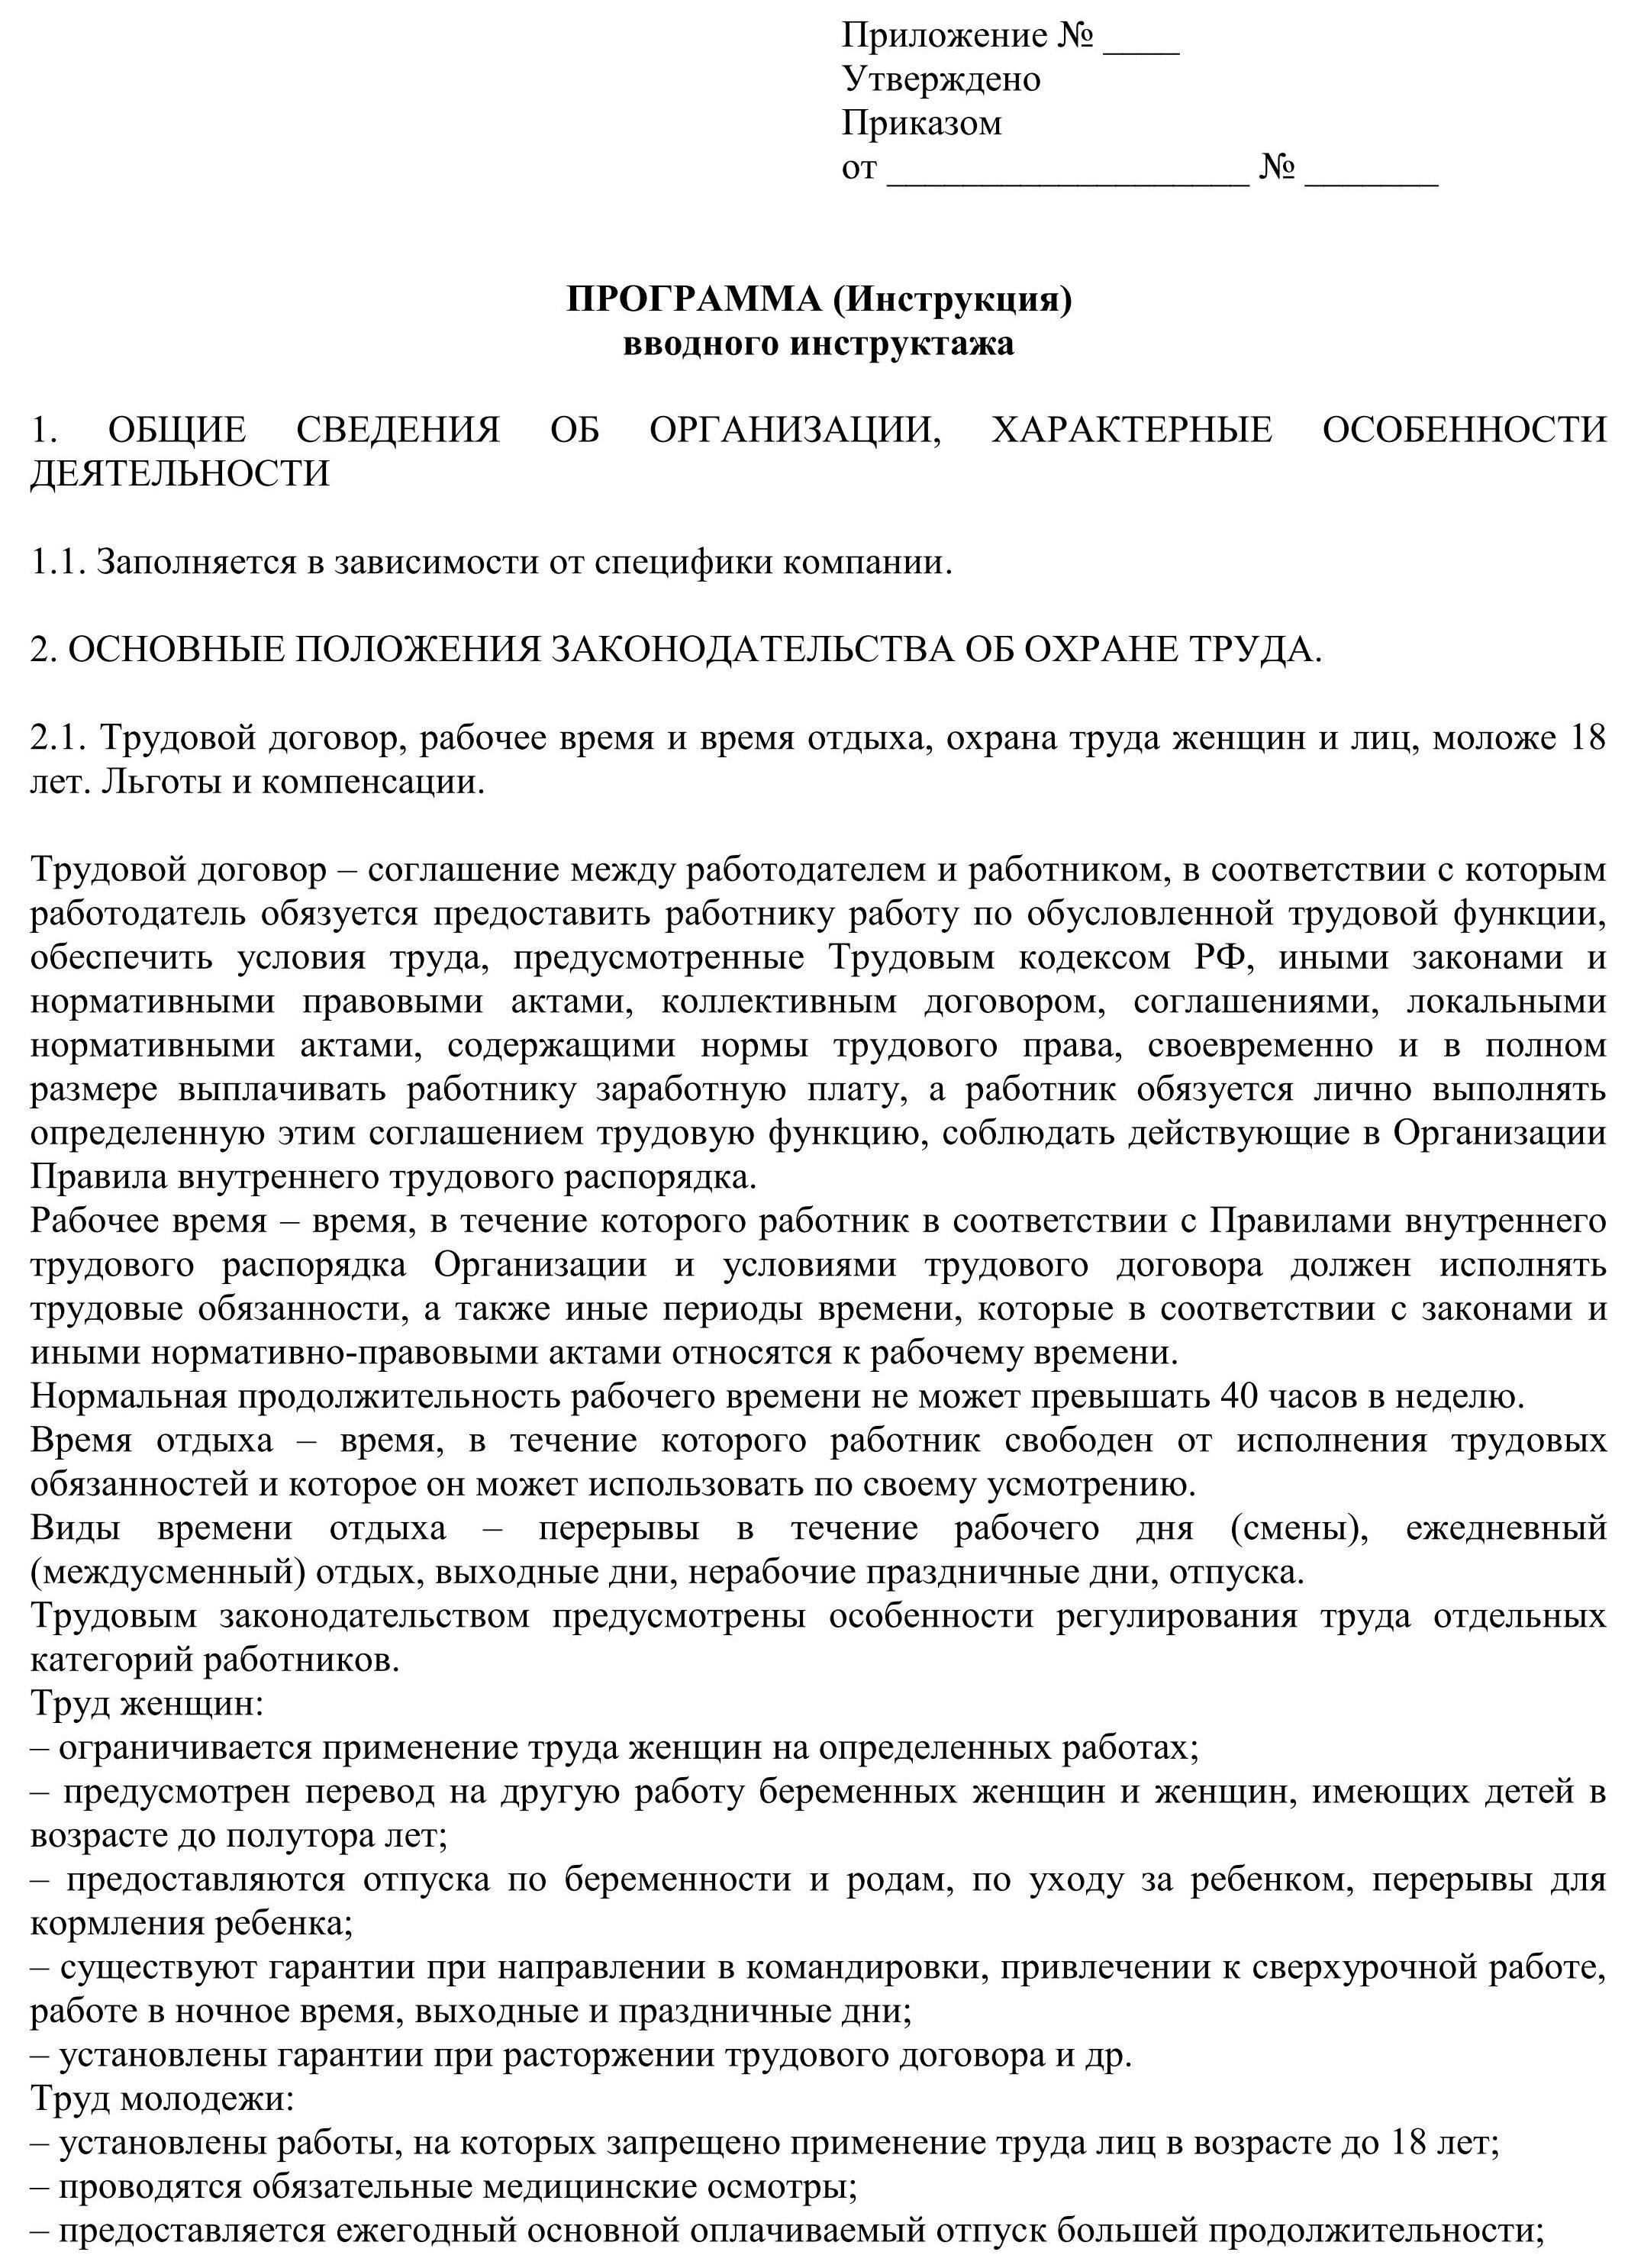 Инструкция по охране труда административно управленческого персонала